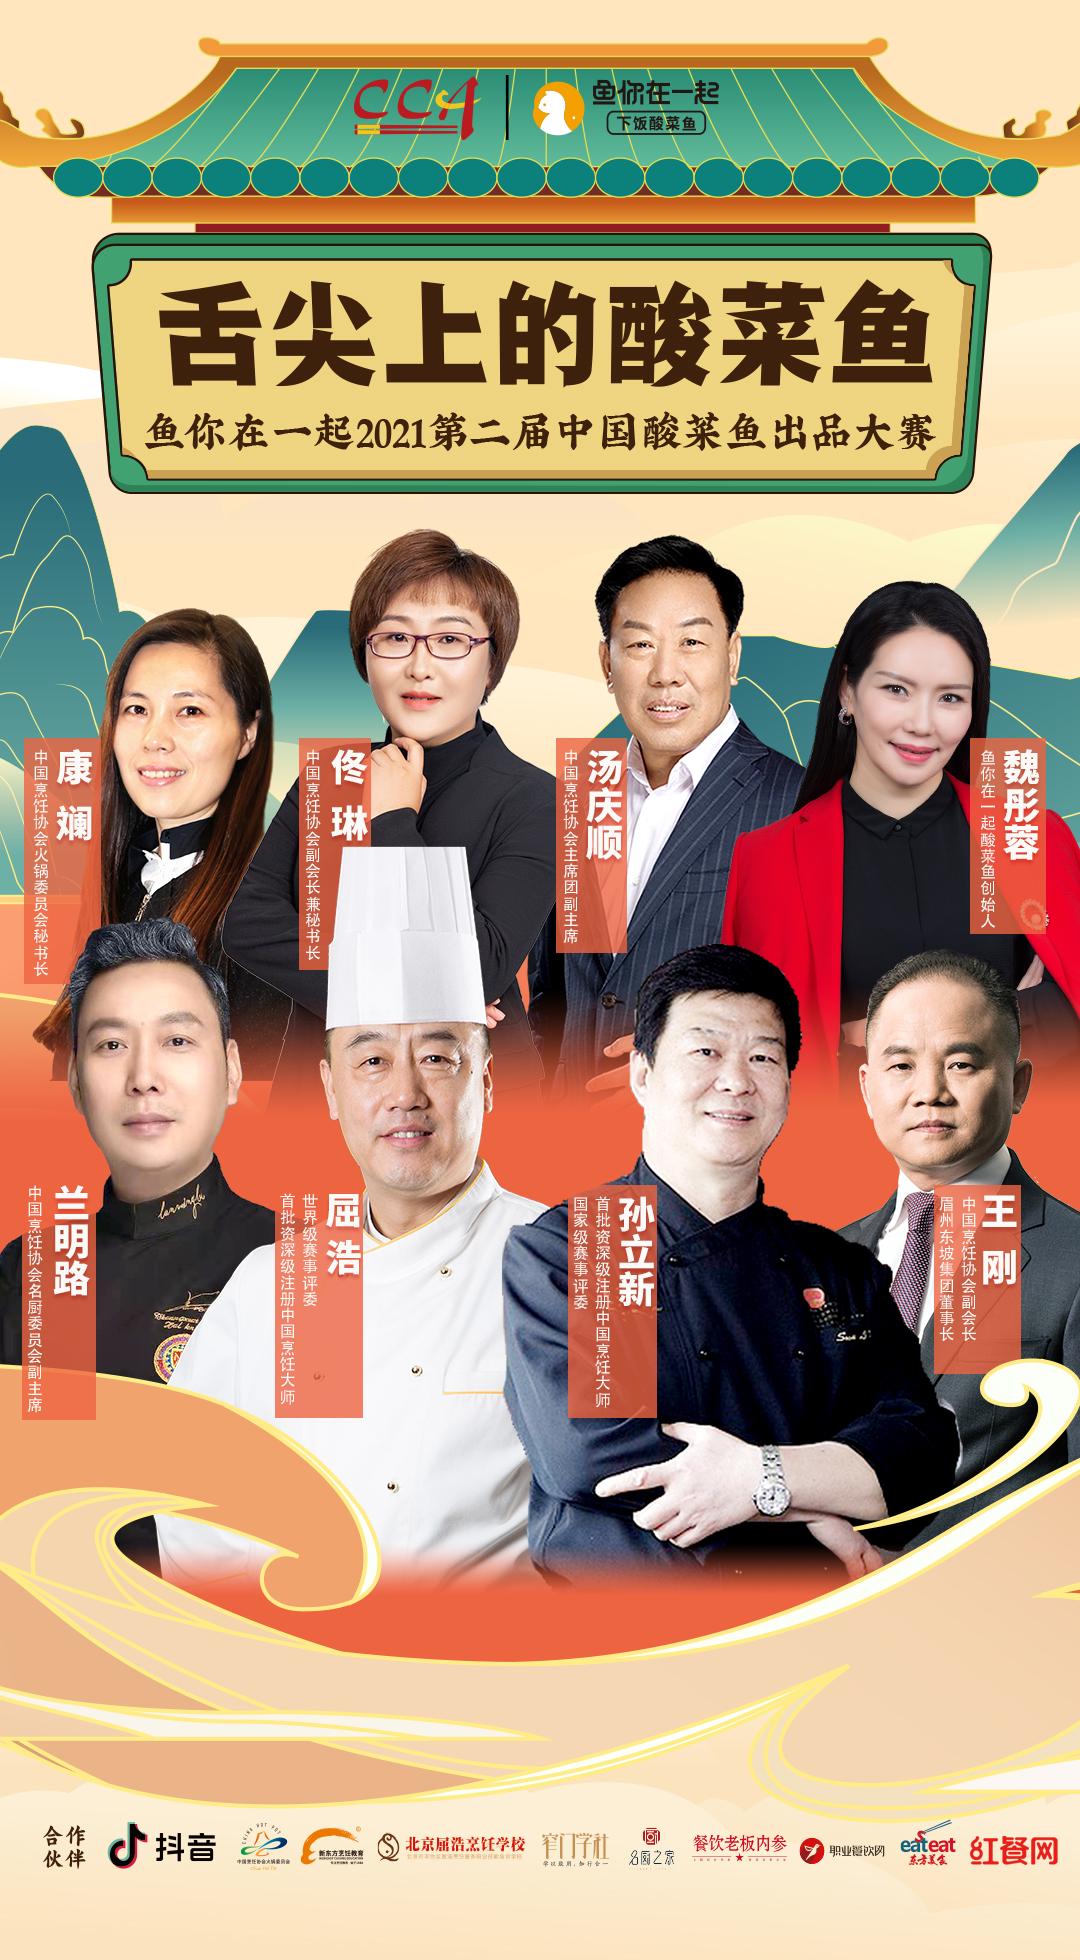 中烹协主办2021第二届酸菜鱼大赛,20万元大奖等你来挑战?